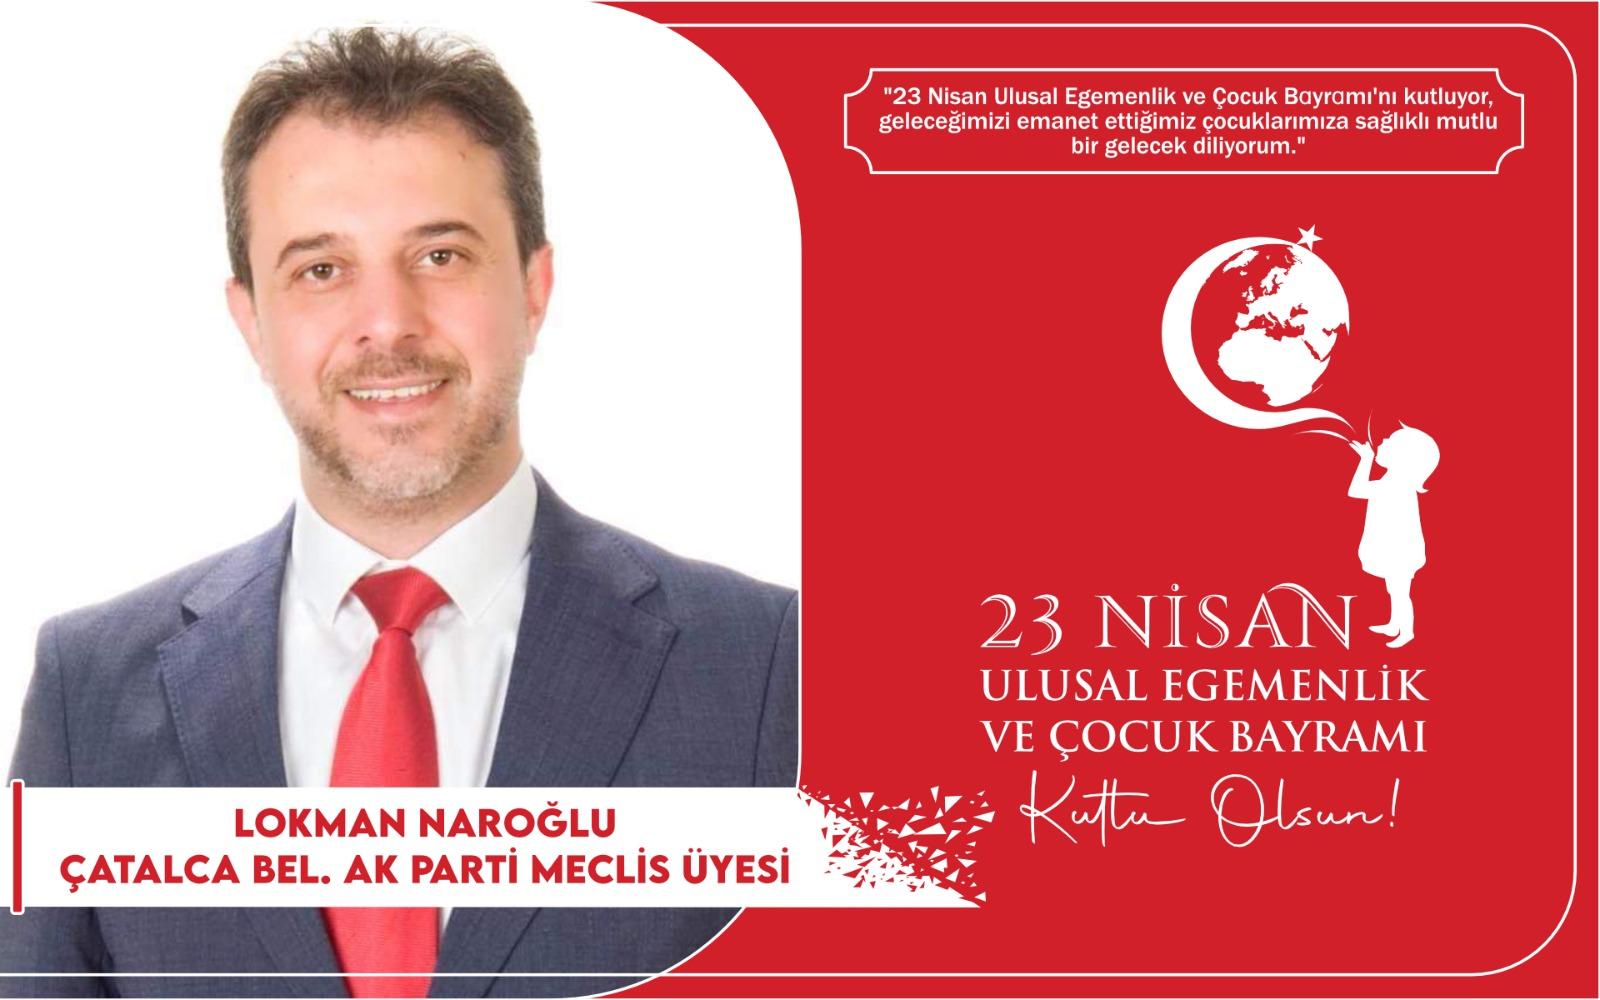 Lokman Naroğlu'ndan Kutlama Mesajı